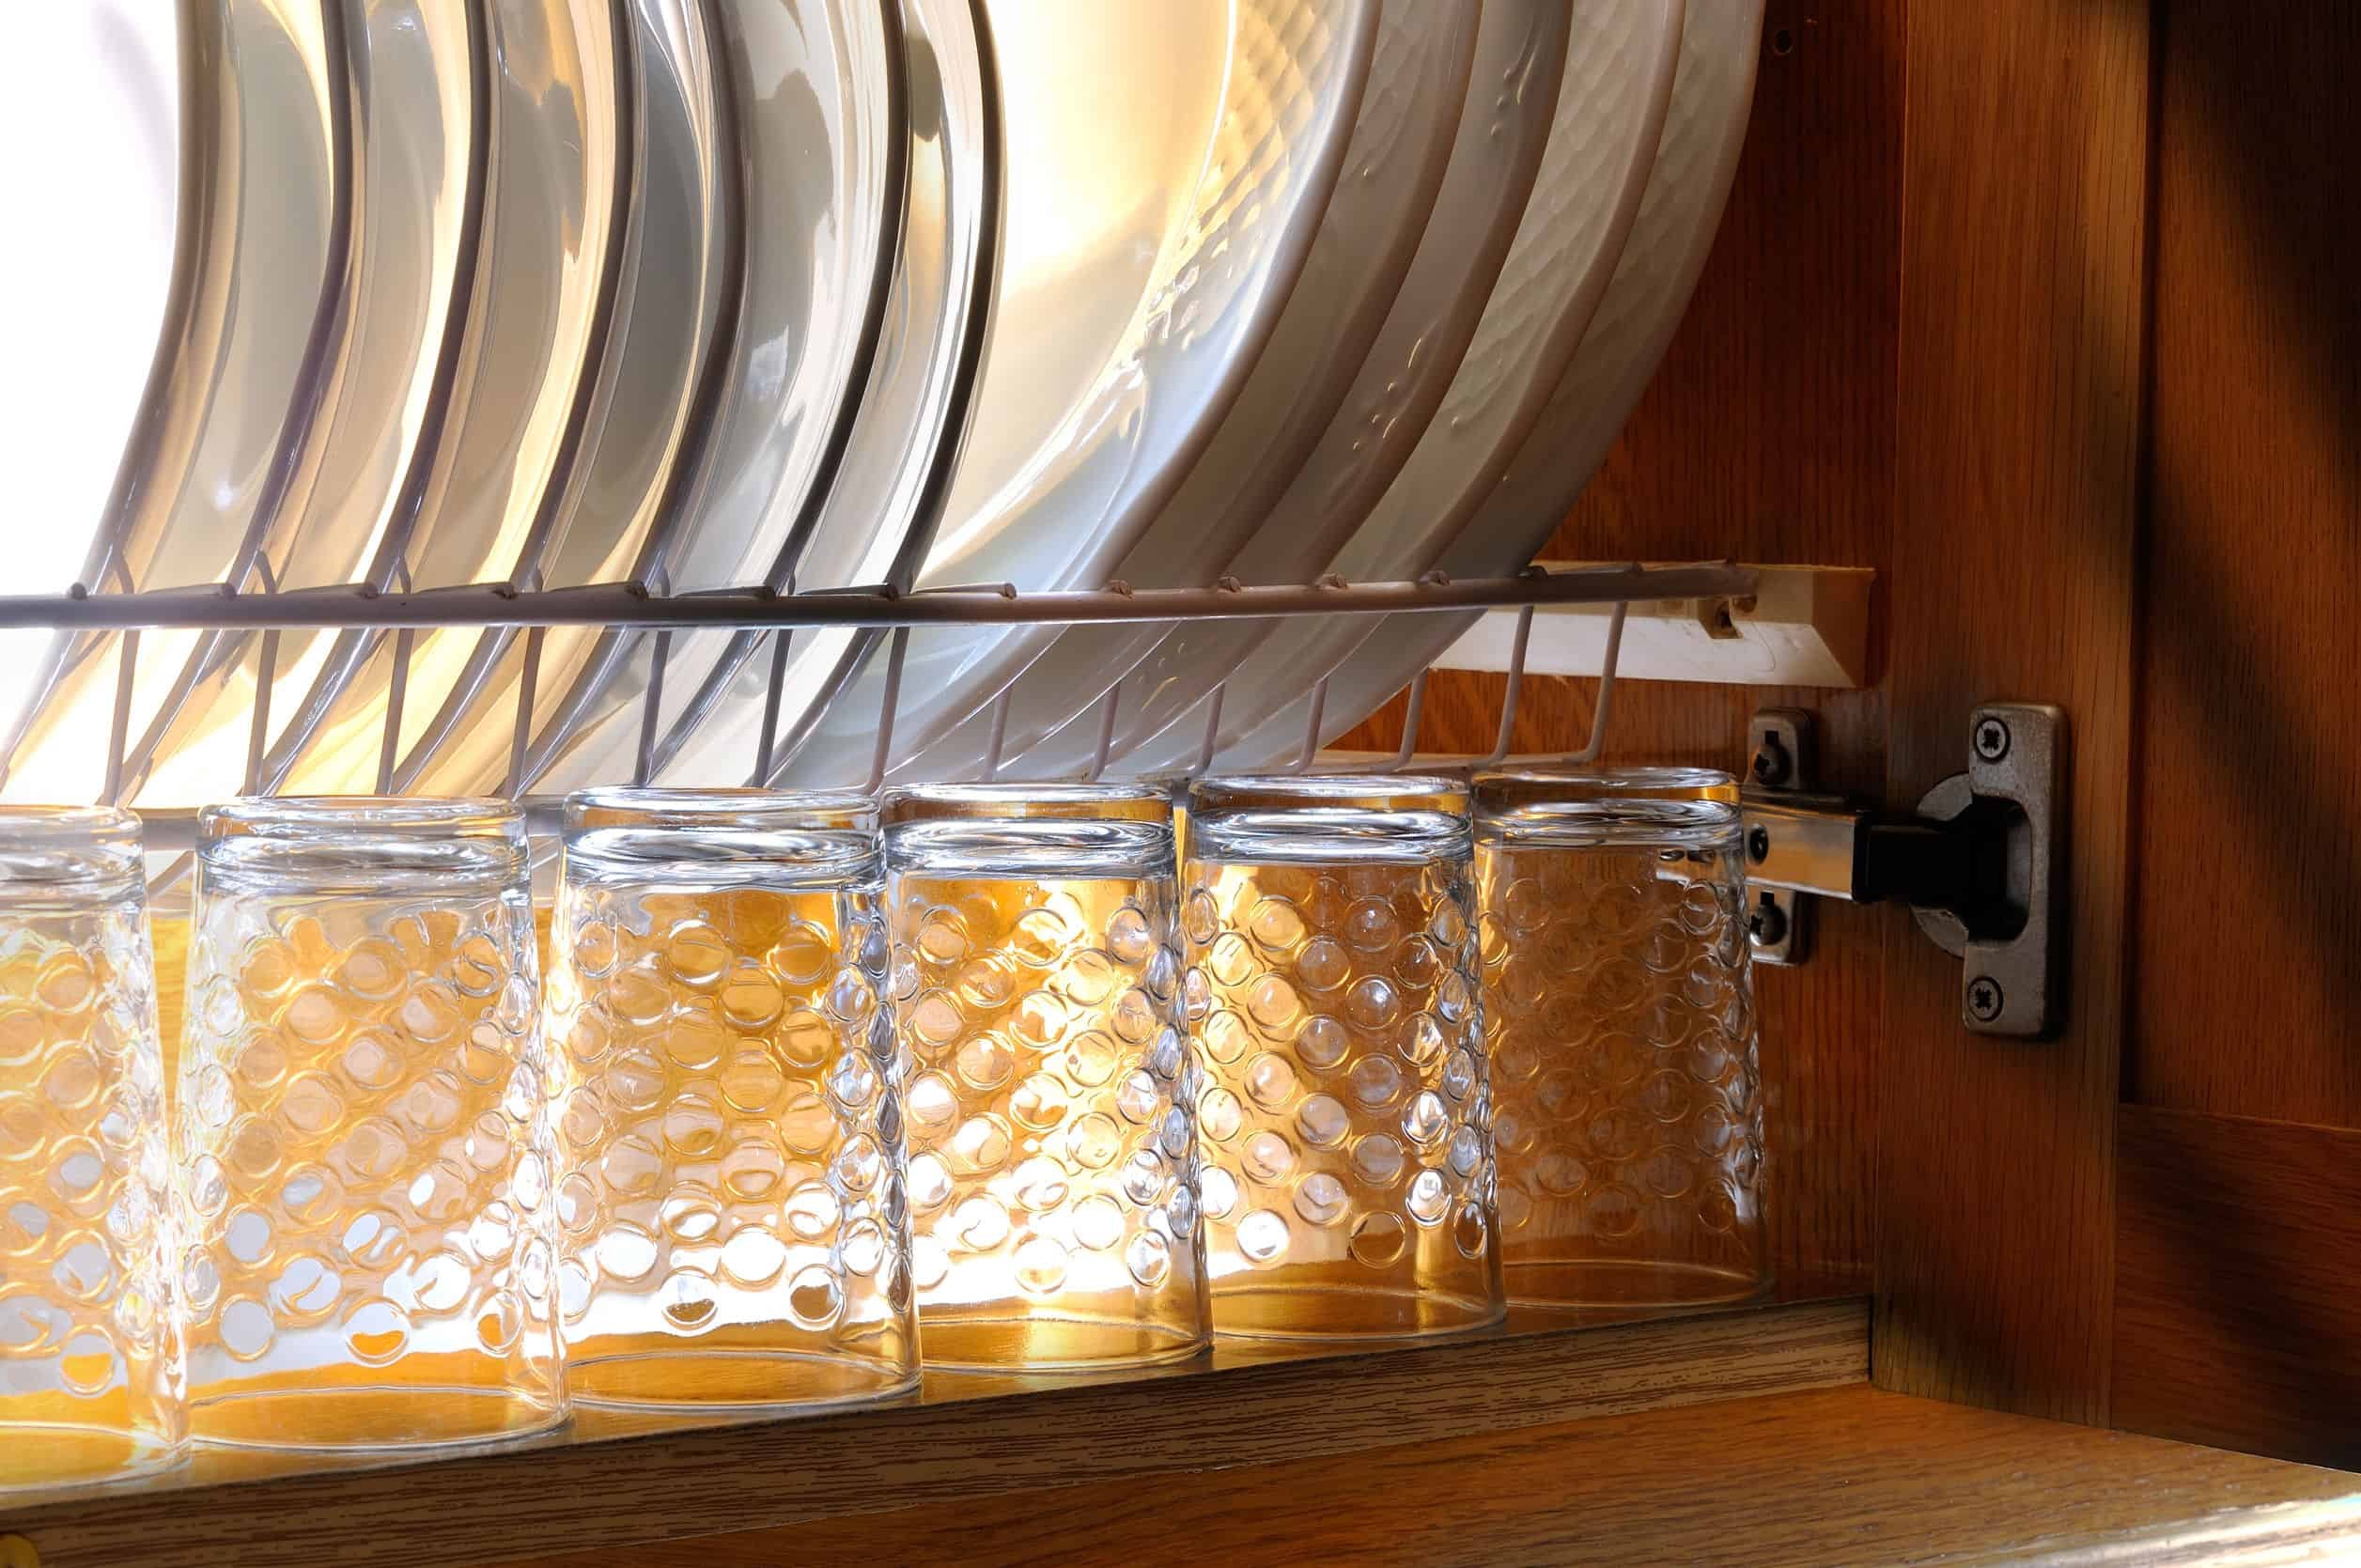 Escorredor de pratos e copos dentro do armário.